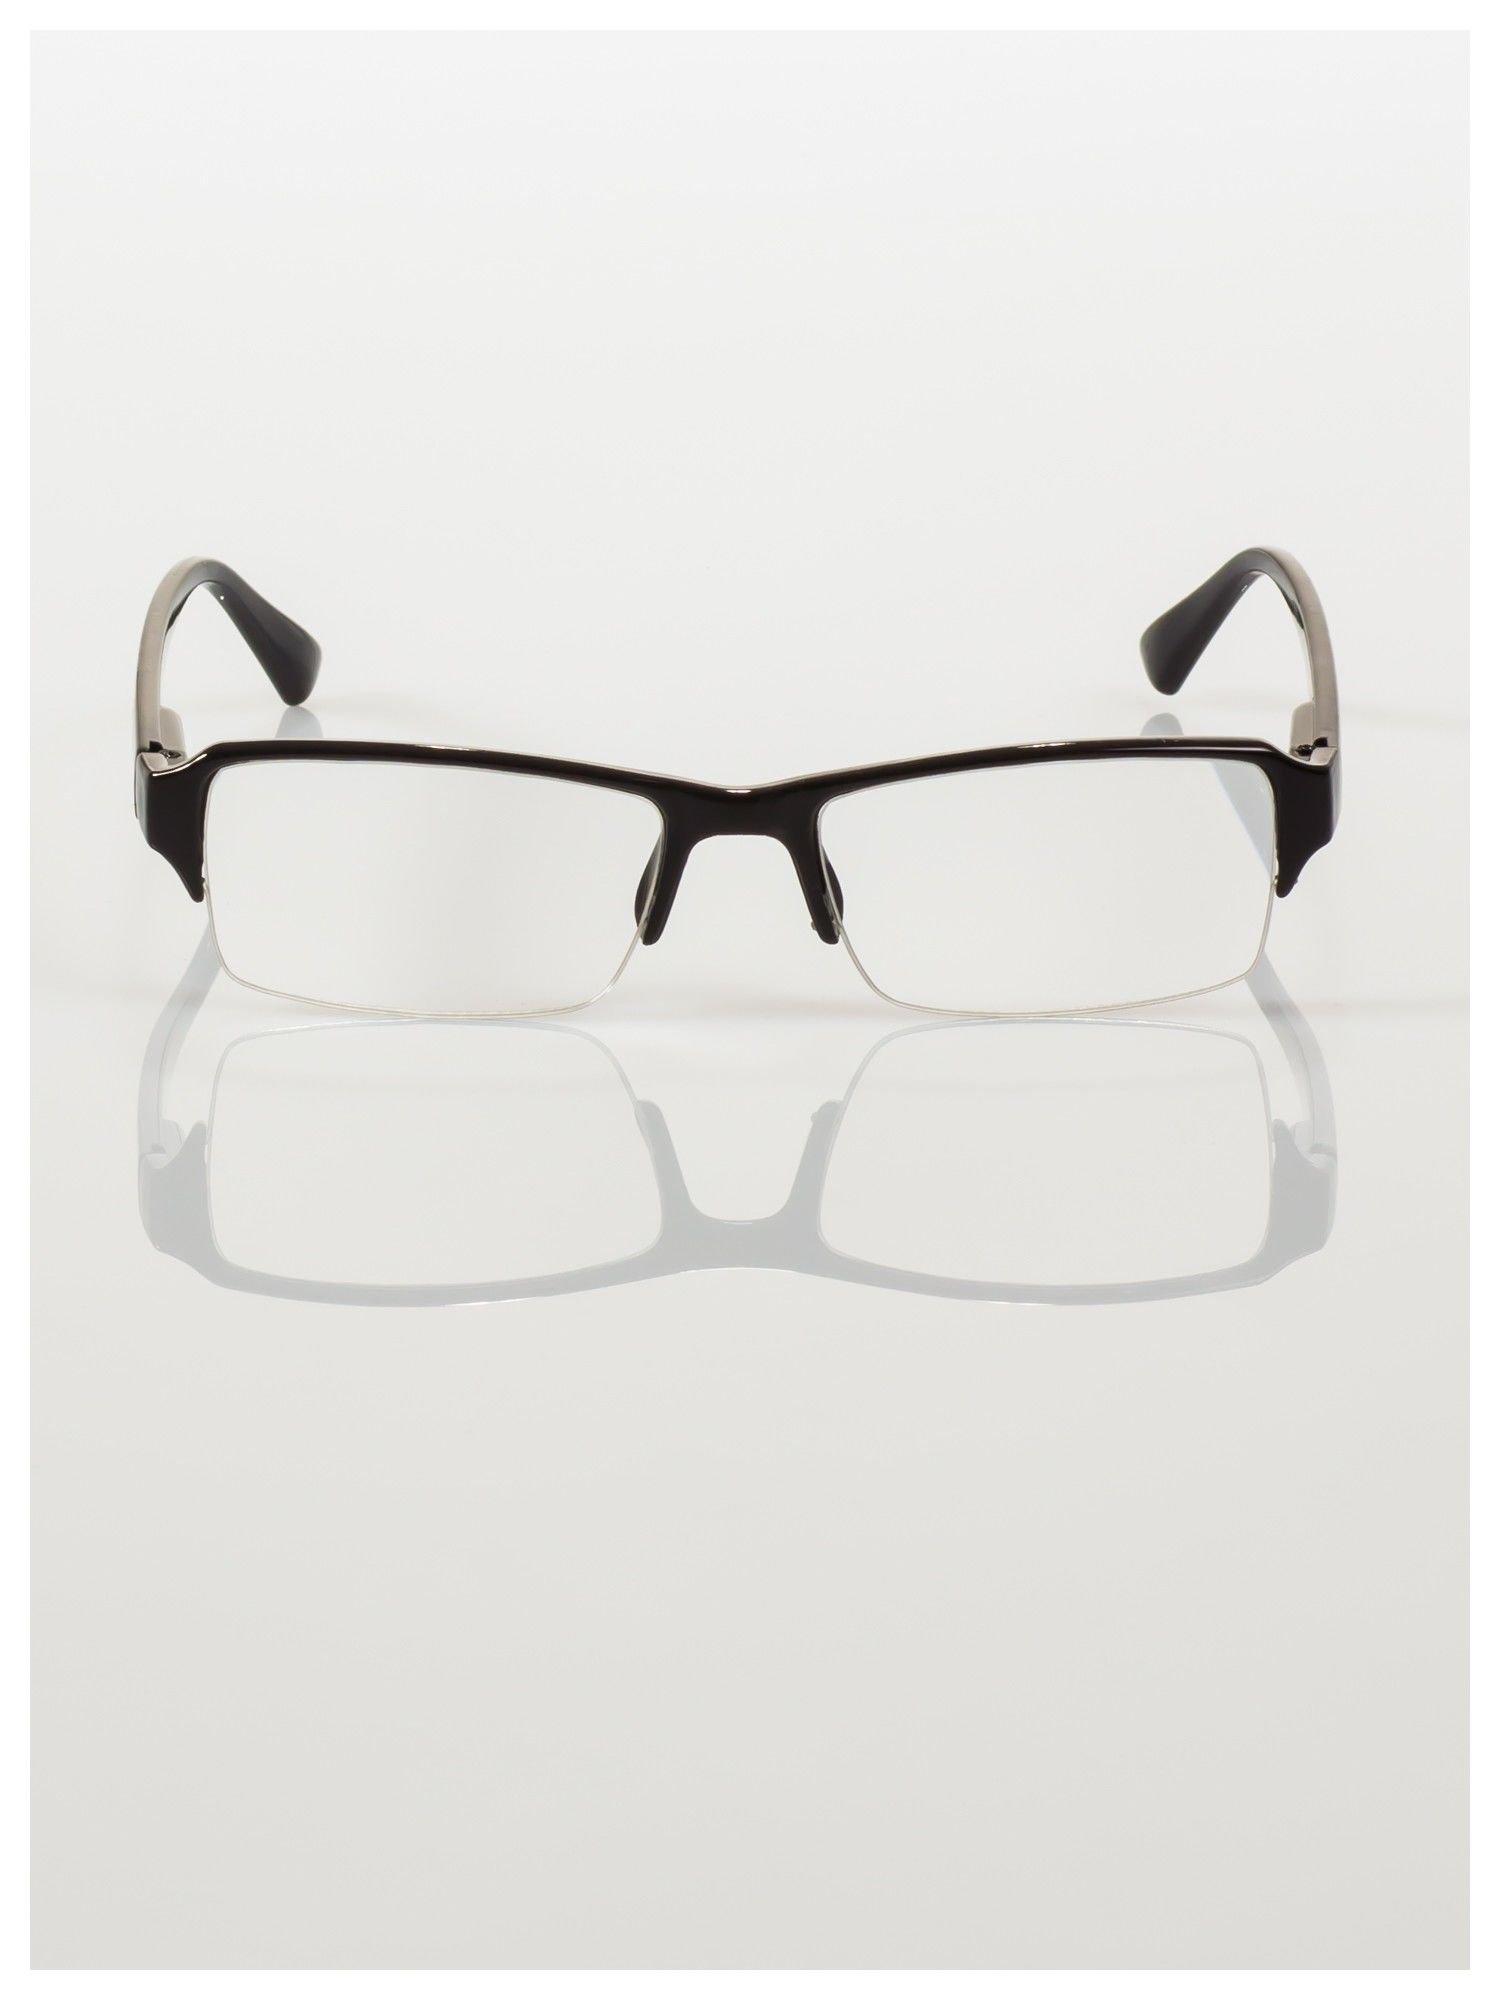 Okulary korekcyjne +3.5 D do czytania z systemem FLEX na zausznikach +GRATIS PLASTIKOWE ETUI I ŚCIERECZKA Z MIKROFIBRY                                  zdj.                                  1